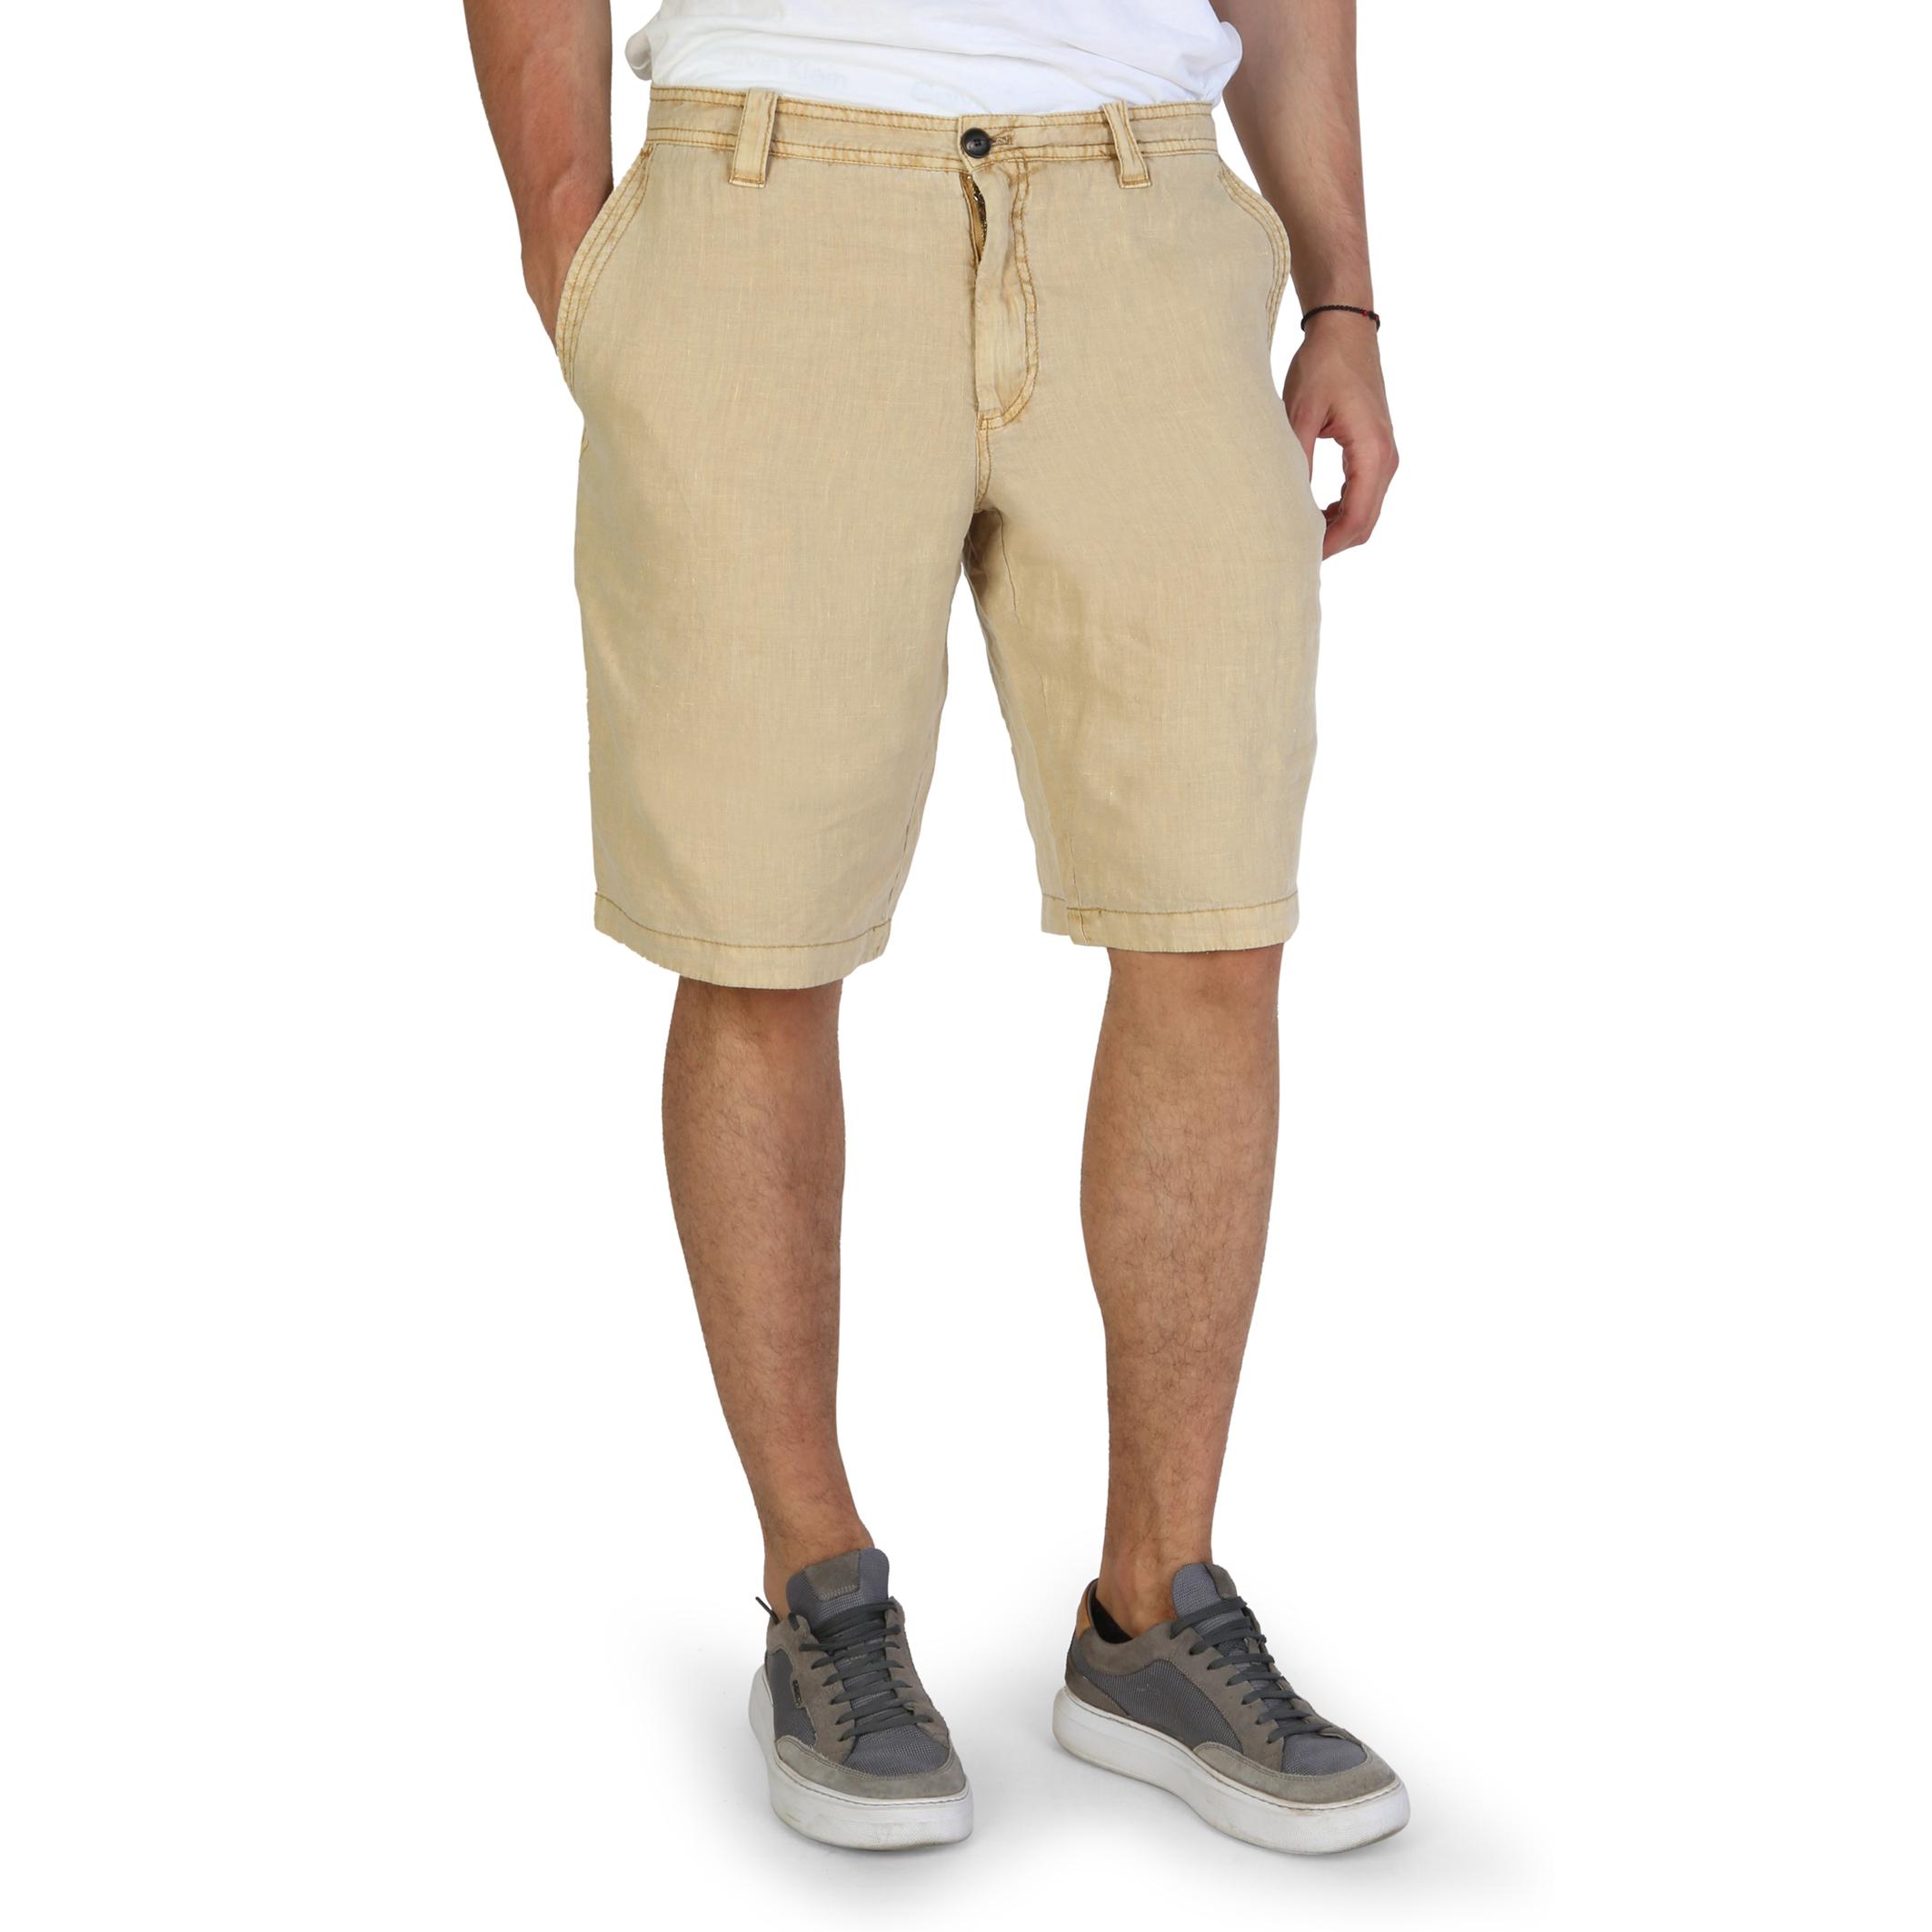 Armani Jeans 3Y6S75_6NDMZ Uomo Marrone 107810Armani Jeans